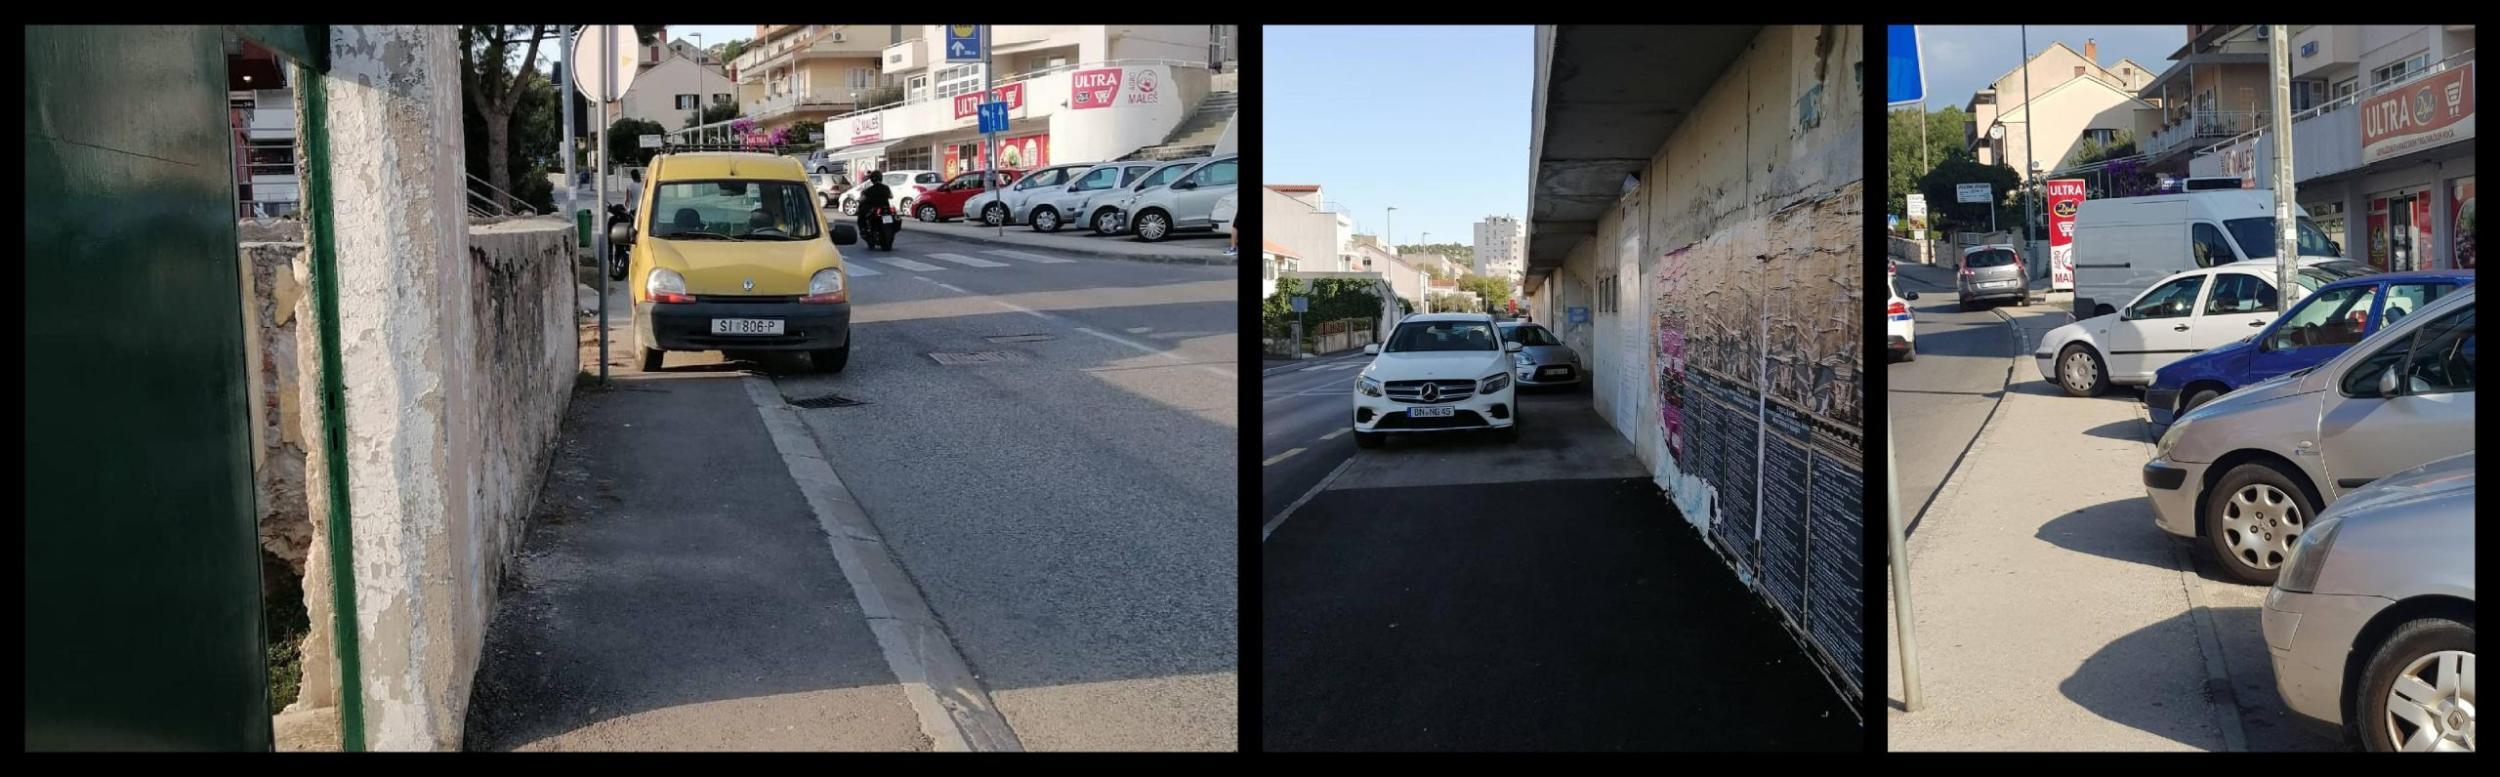 Zašto gradske službe ignoriraju parking na nogostupima?